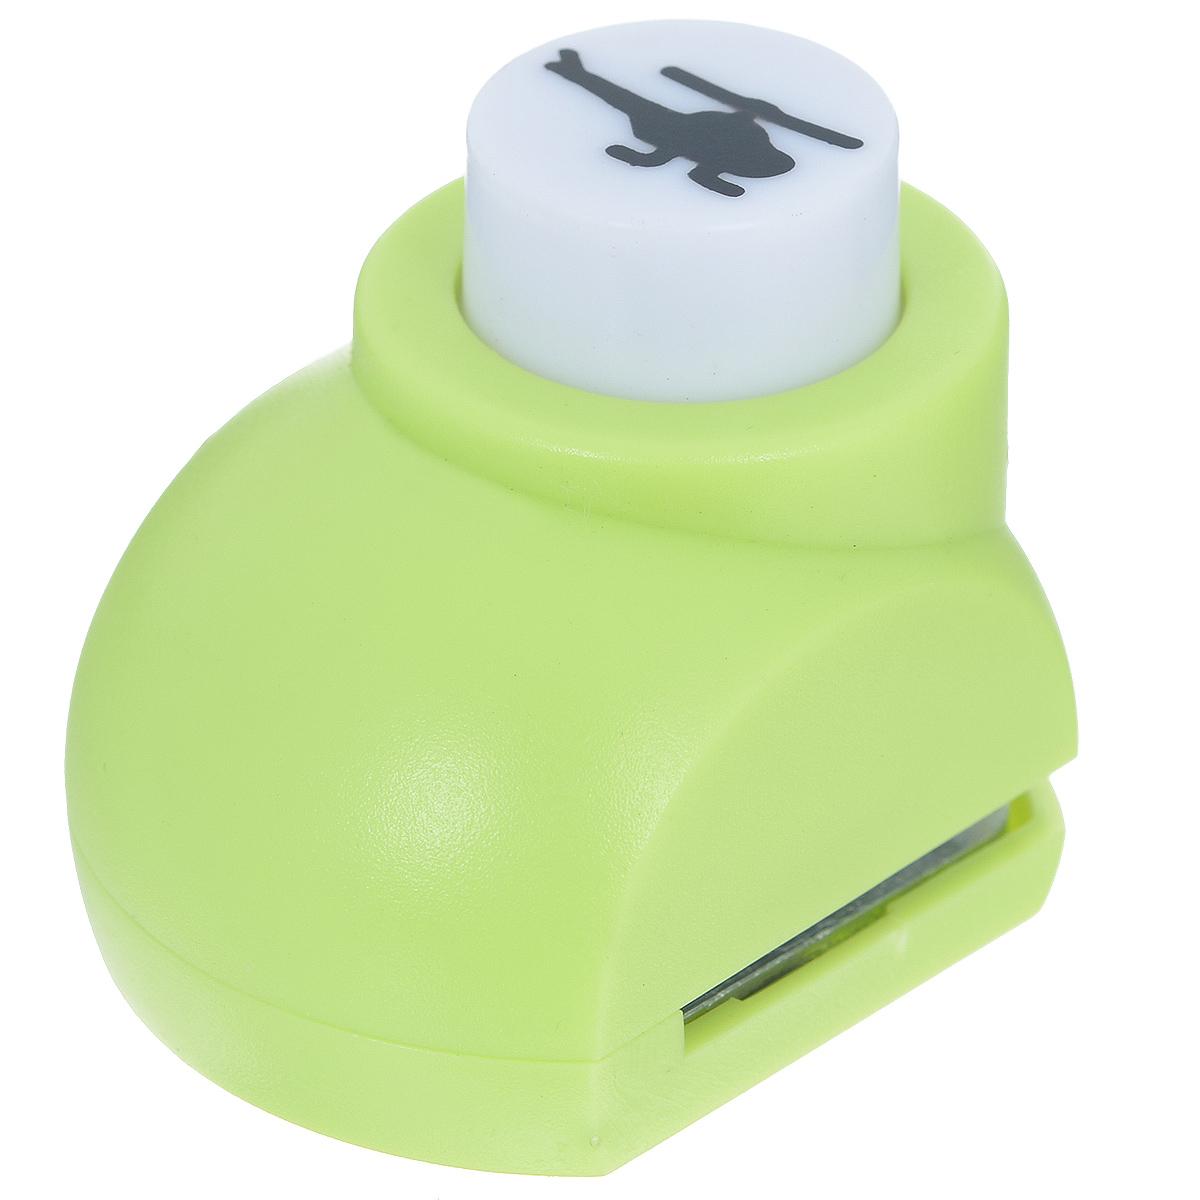 Дырокол фигурный Астра Вертолет. JF-822FS-54114Дырокол Астра Вертолет поможет вам легко, просто и аккуратно вырезать много одинаковых мелких фигурок.Режущие части компостера закрыты пластмассовым корпусом, что обеспечивает безопасность для детей. Можно использовать вырезанные мотивы как конфетти или для наклеивания. Дырокол подходит для разных техник: декупажа, скрапбукинга, декорирования.Размер дырокола: 4 см х 3 см х 4 см. Размер готовой фигурки: 1,3 см х 0,7 см.